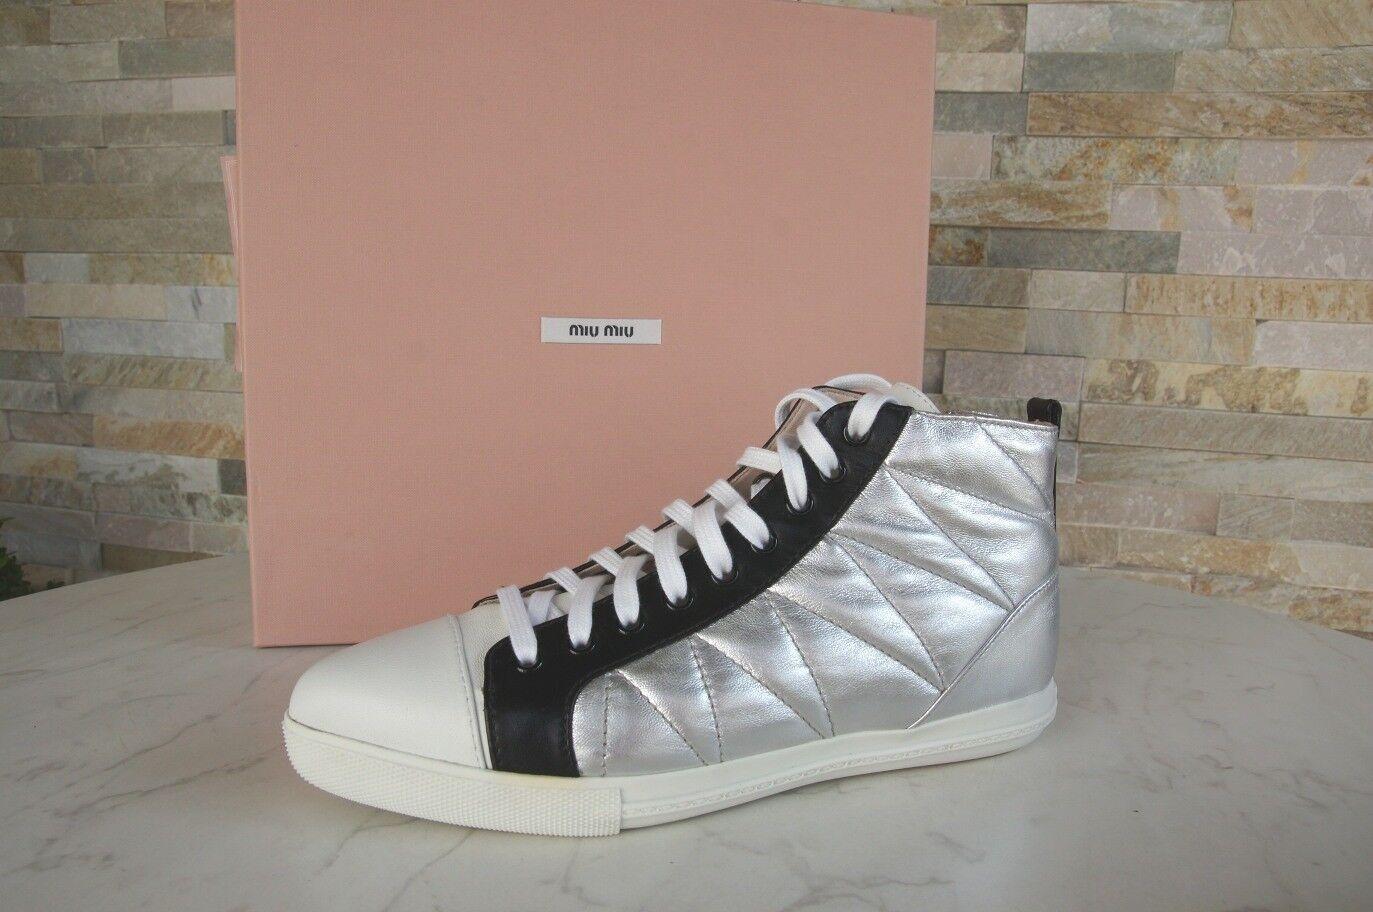 MIU Miu taglia MULTICOLOR 38,5 High Top Scarpe da Ginnastica Scarpe scarpe 5t9039